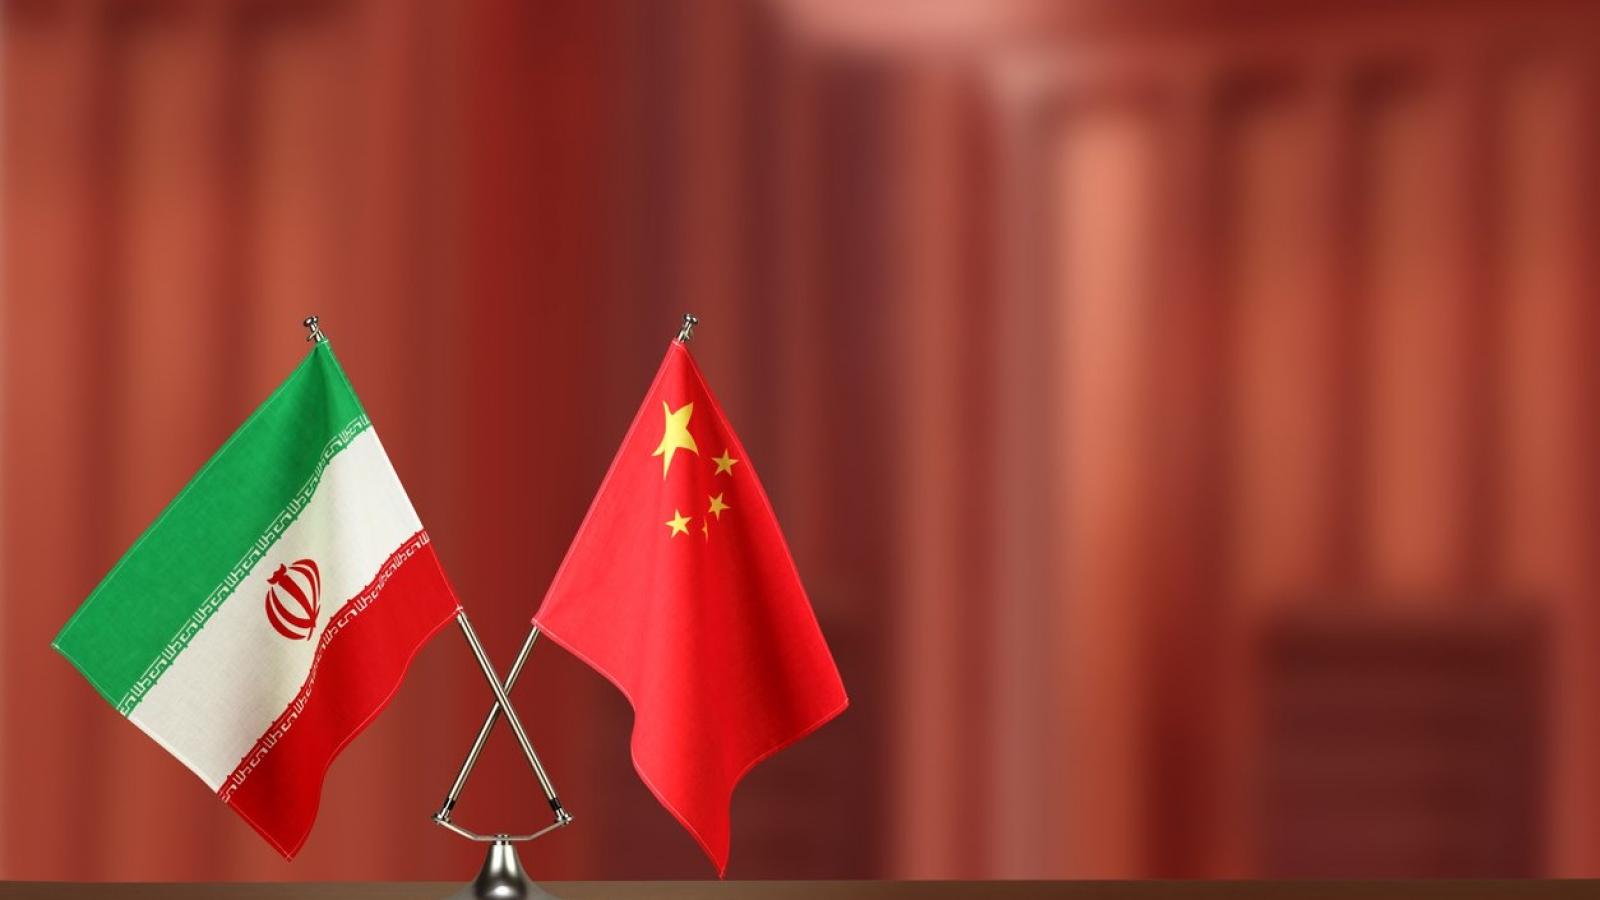 Canh bạc lớn của Trung Quốc ở Trung Đông